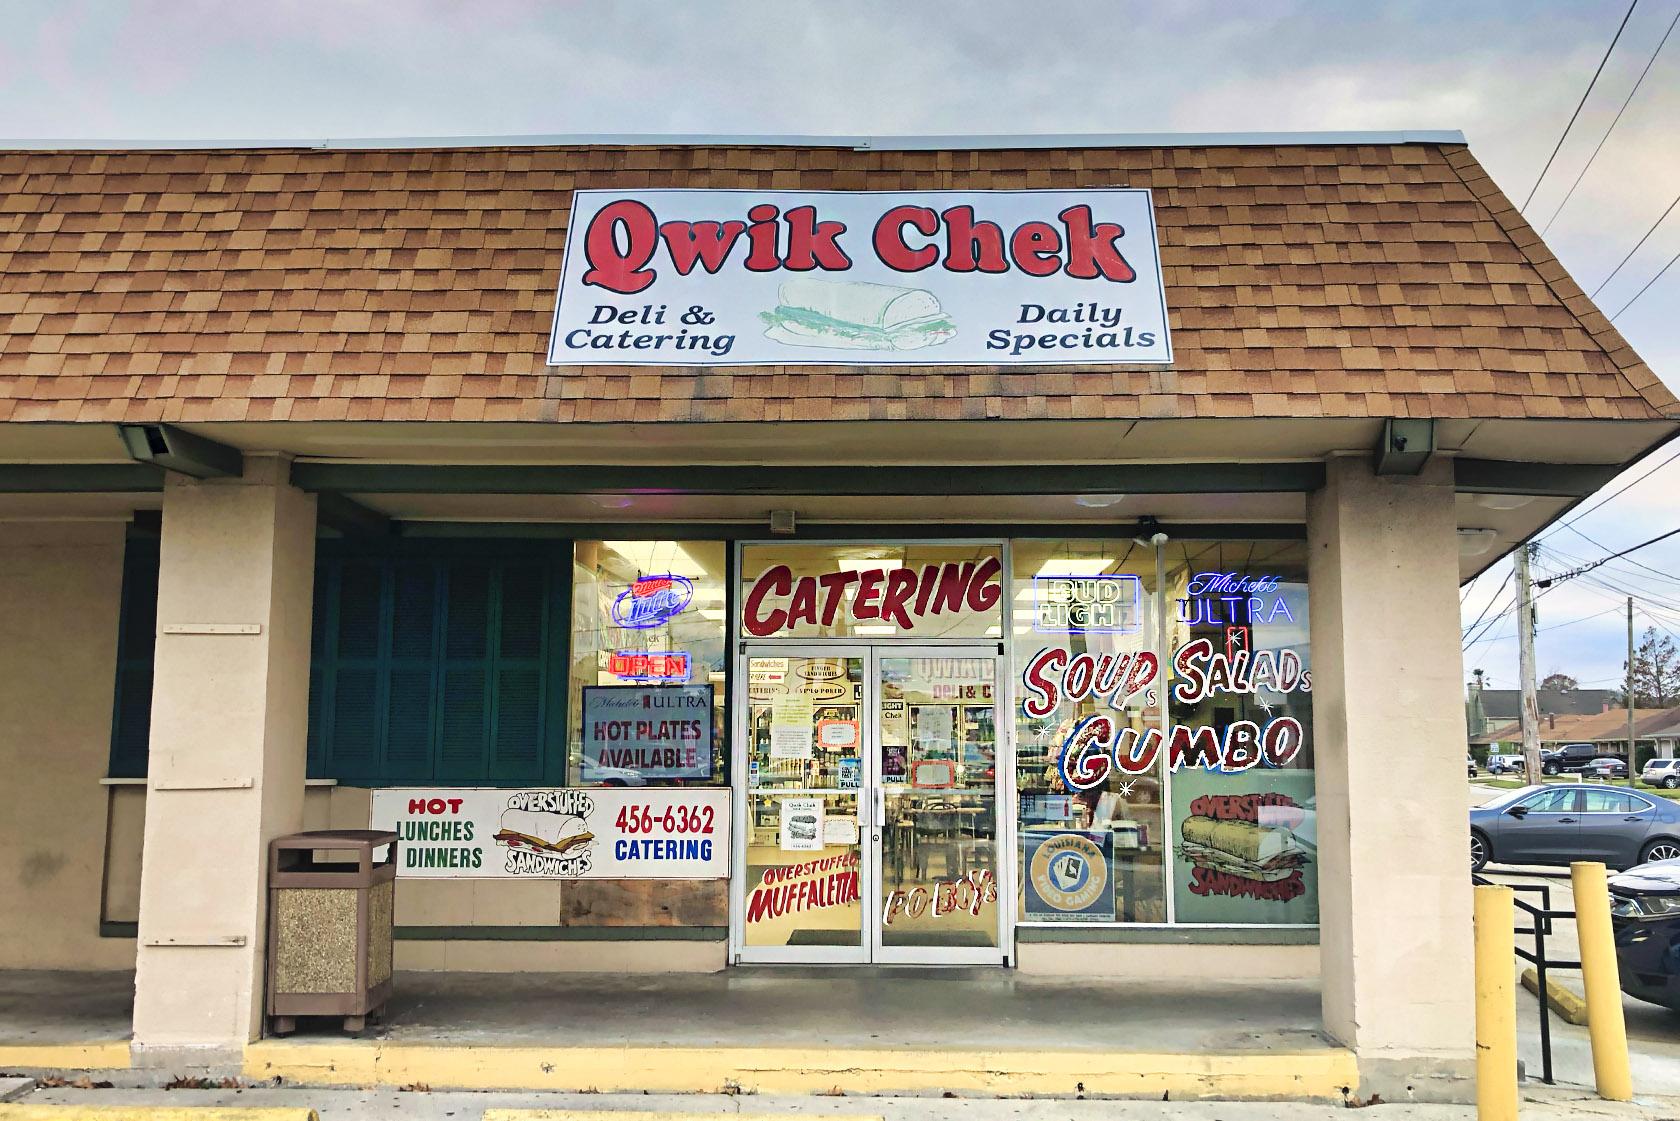 qwik chek deli - nola places photo